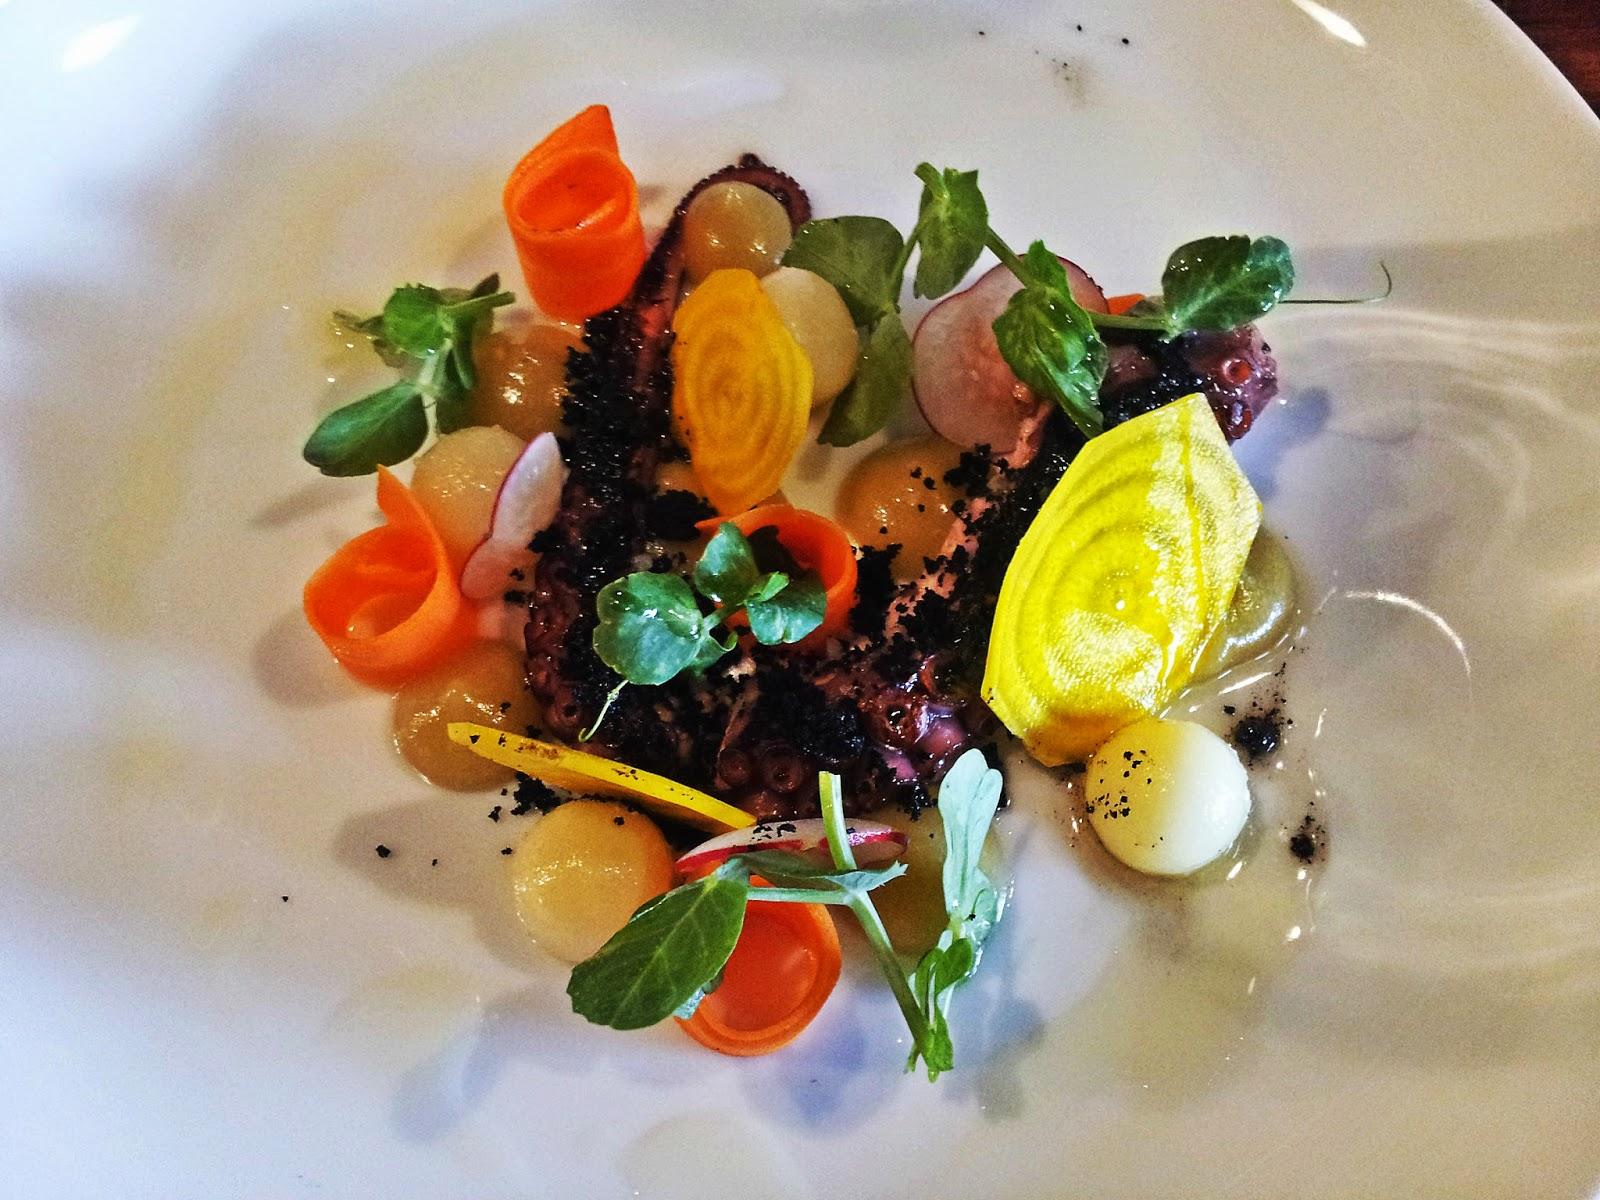 El dadaista gastron mico restaurante artemis a le french Como se cocina el pulpo